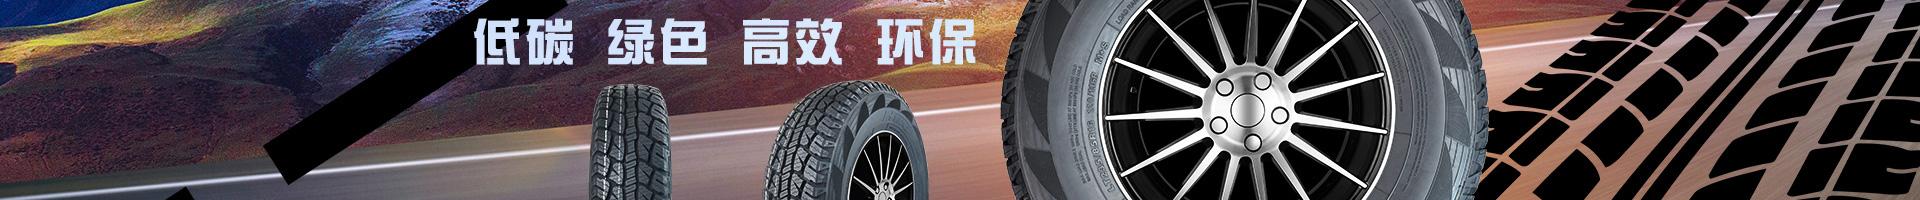 興鴻源輪胎